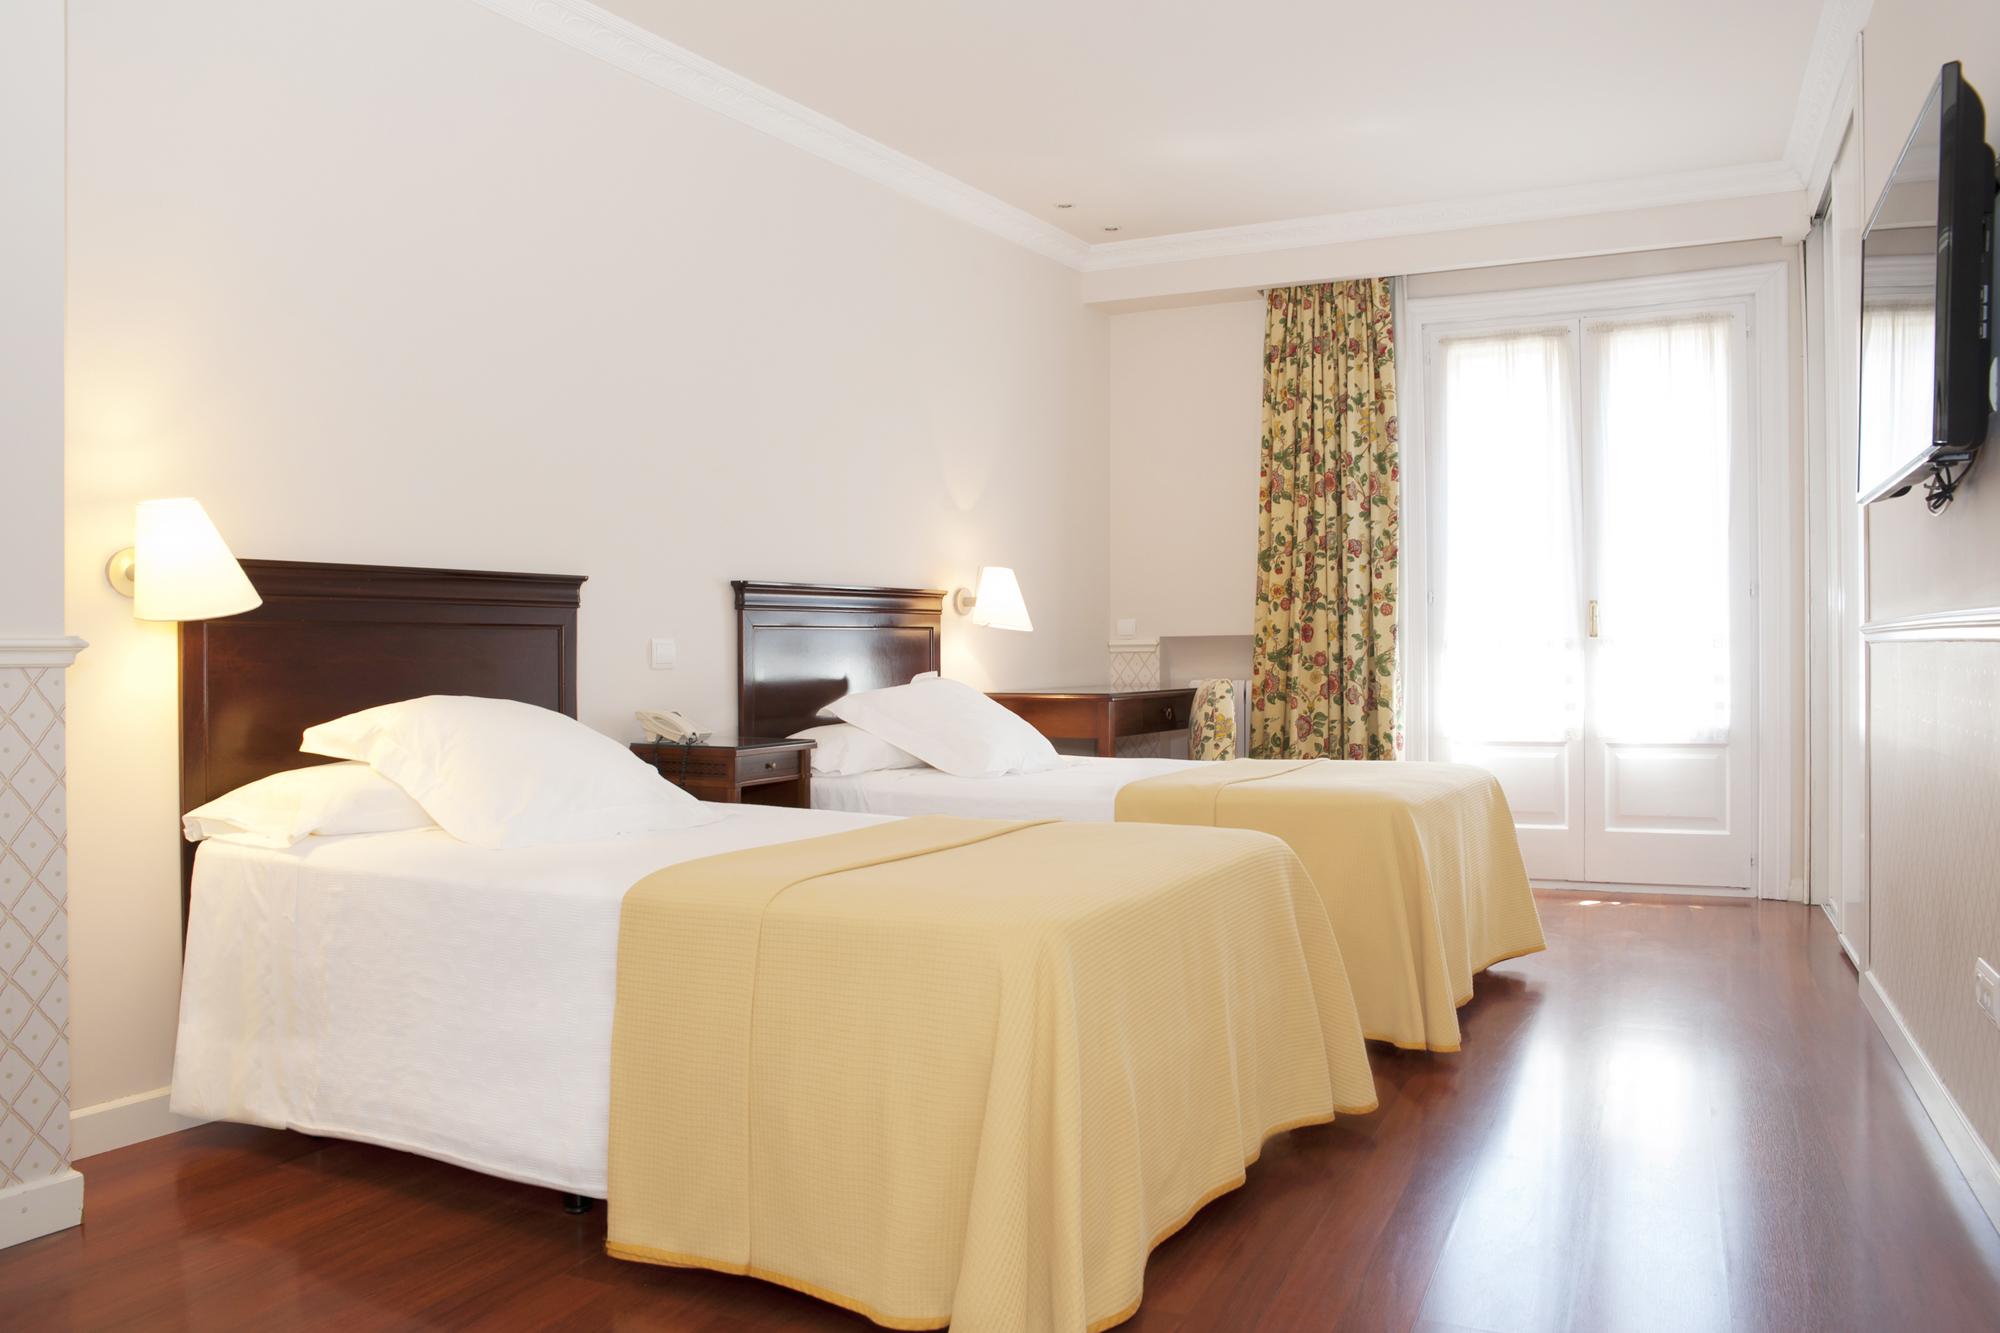 Habitaci n doble en el centro de zaragoza hotel sauce for Habitaciones zaragoza